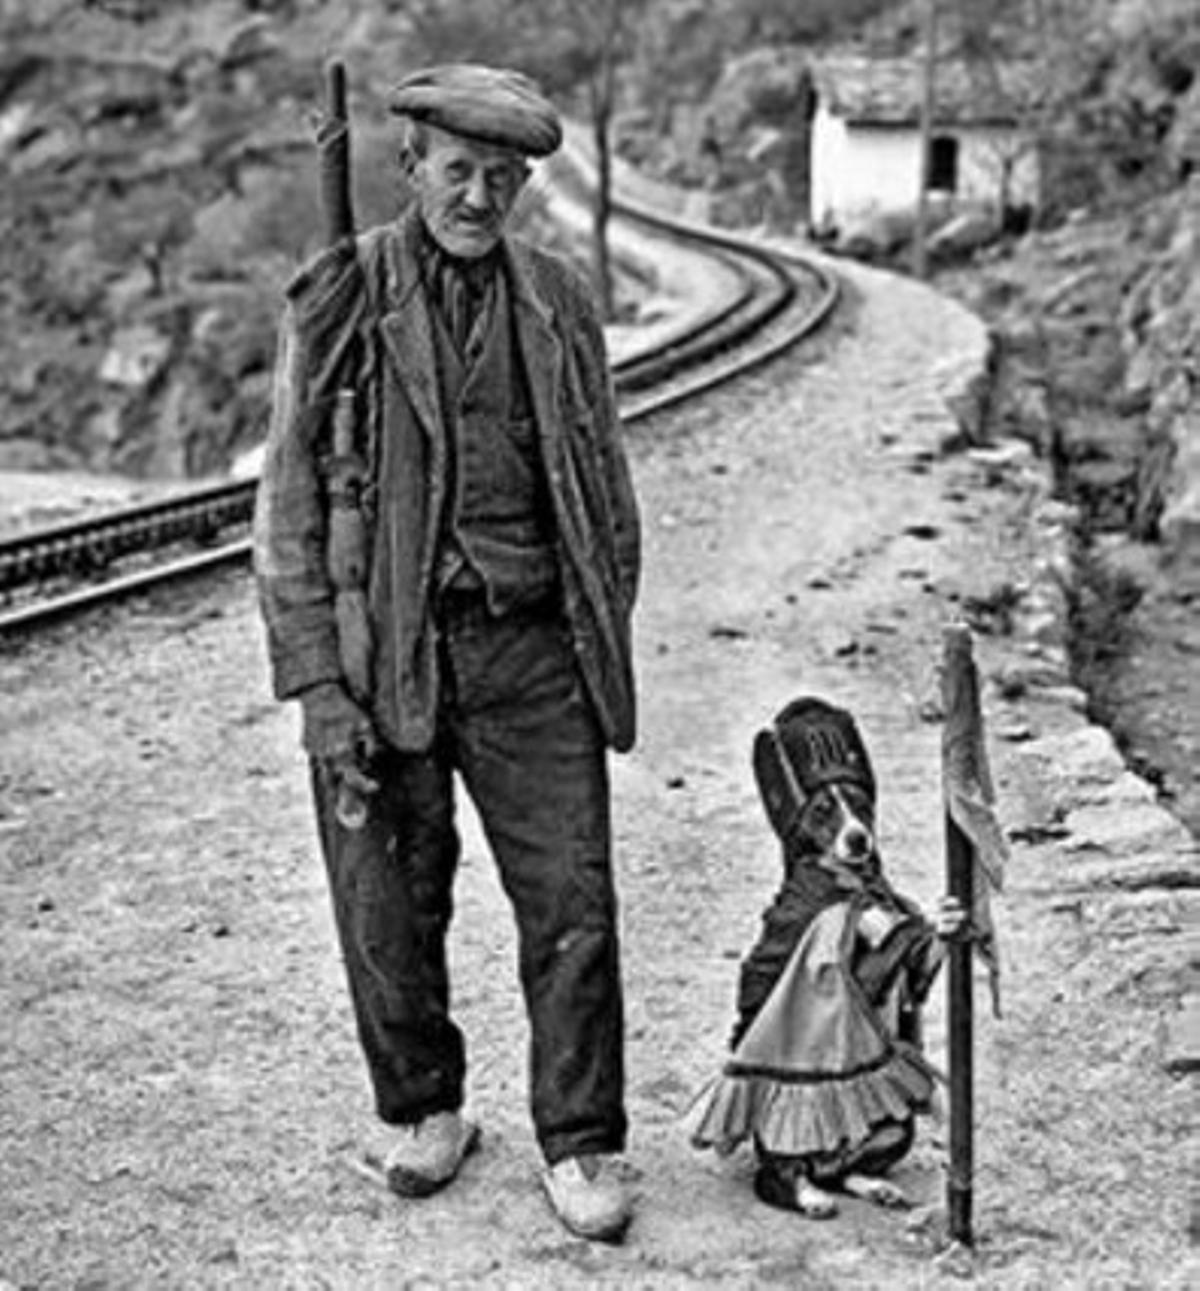 EL PERRO DE LA CASILLA DE MONTSERRAT 3 La foto es de 1929 o 1930. Pero durante muchos más años los viajeros del cremallera de Montserrat lanzaron calderilla a los perros disfrazados de ferroviario en el paso a nivel de la carretera de Monistrol.